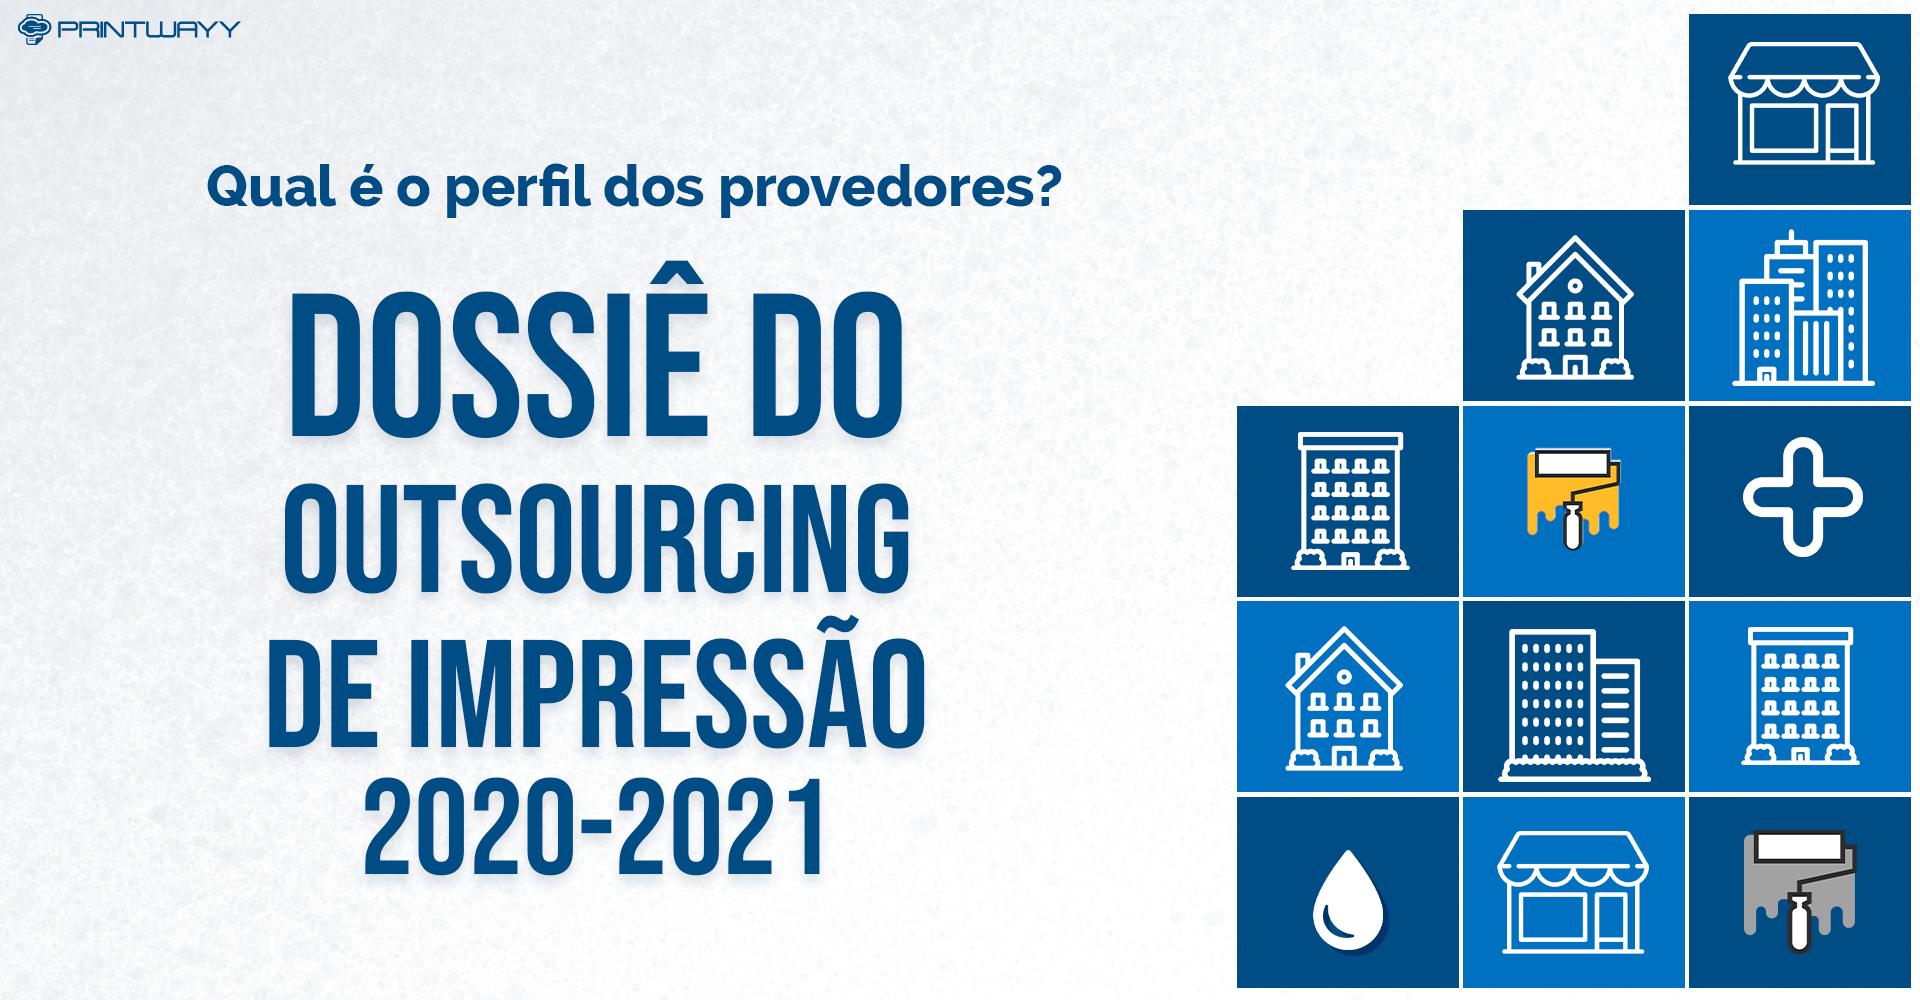 Ilustração das legendas do Dossiê do Outsourcing de Impressão 2020-2021, sendo um sinal de adição, uma gota, tinta e diferentes tipos de prédios. O perfil dos provedores foi realizado com base no Dossiê.